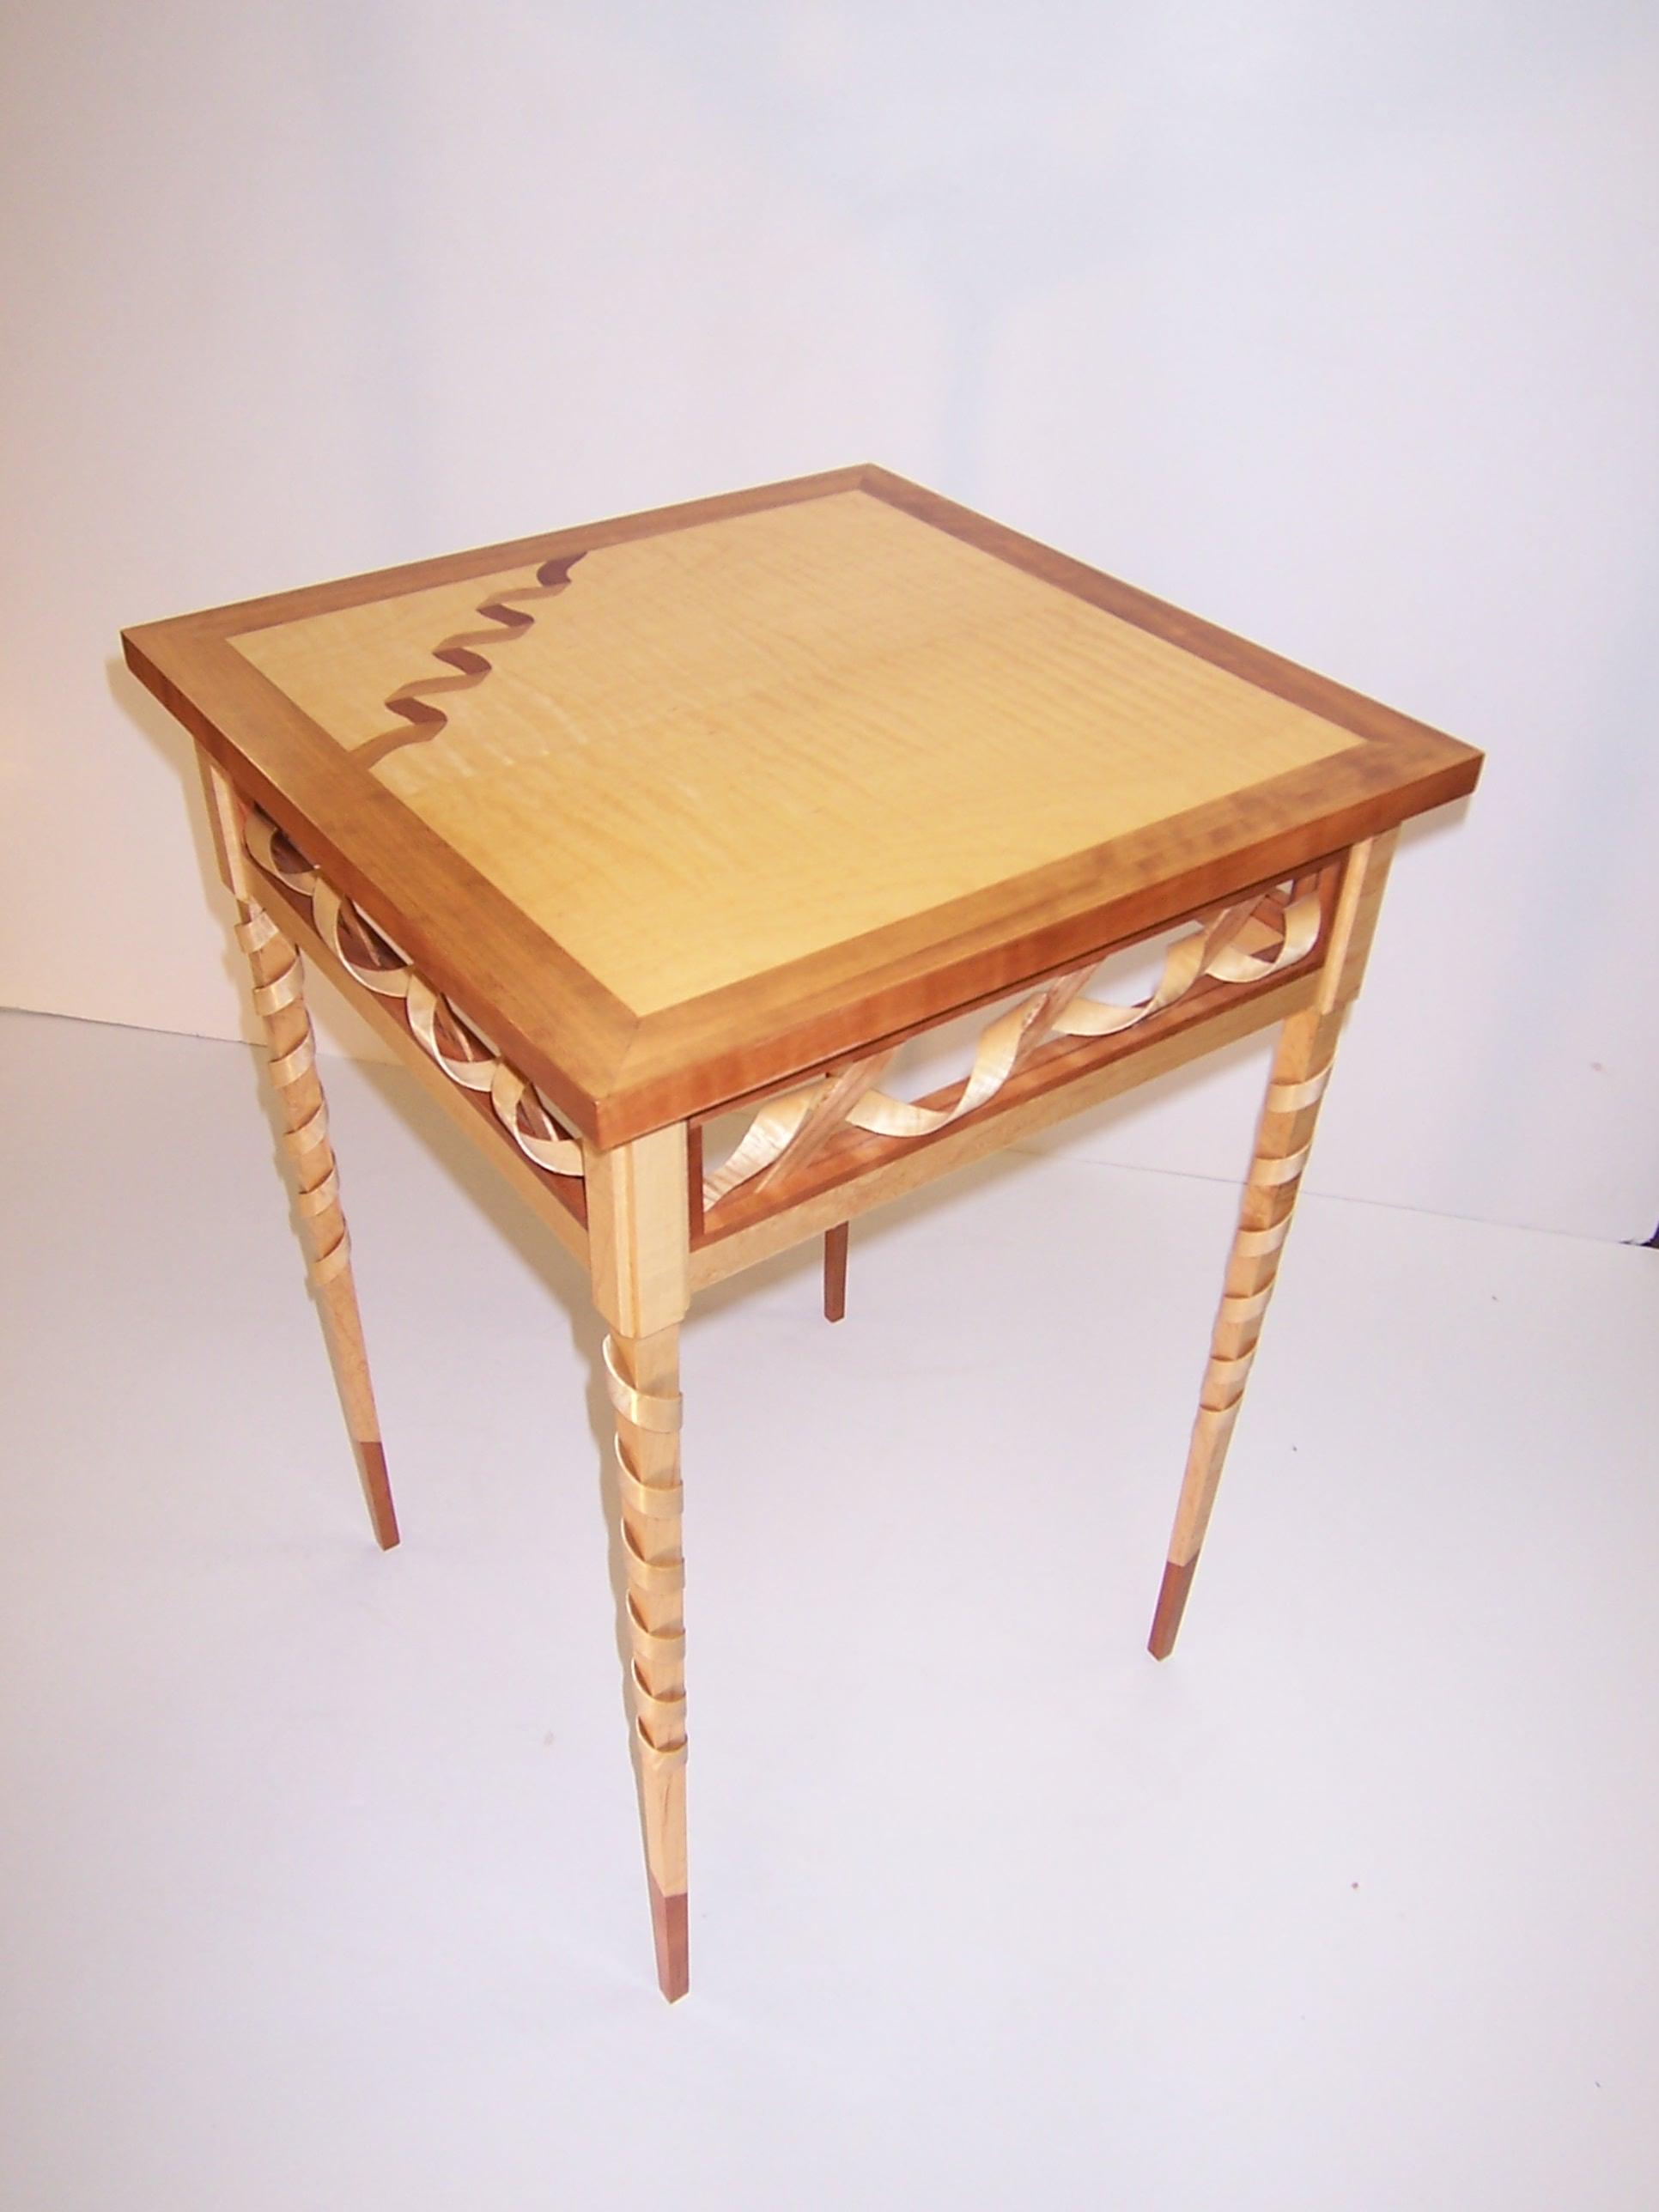 End Table by Joe Muehl